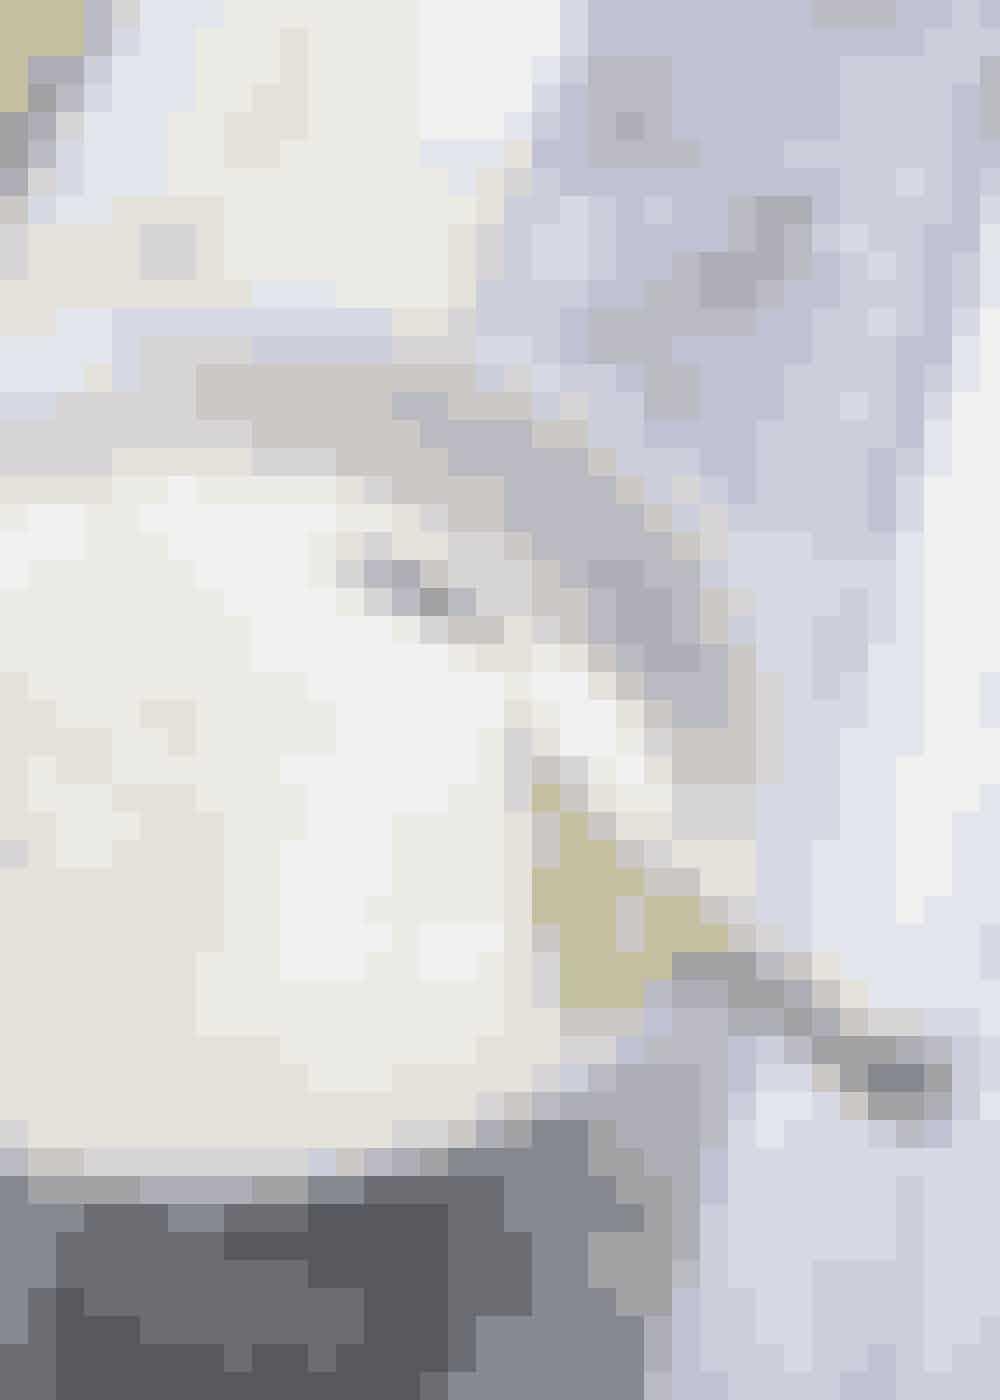 Når du står op:A38Spis en skål A38 som dit første måltid. Appetitten er sjældent særlig stor dagen derpå, men surmælkkan de fleste klemme ned. A38 indeholder probiotiske bakterier, som styrker tarmen. Kombinationenaf alkohol, chips og fastfood fra natten kan slå maven ud af kurs, så fordøjelsessystemet vilmodtage de friske tropper med kyshånd.